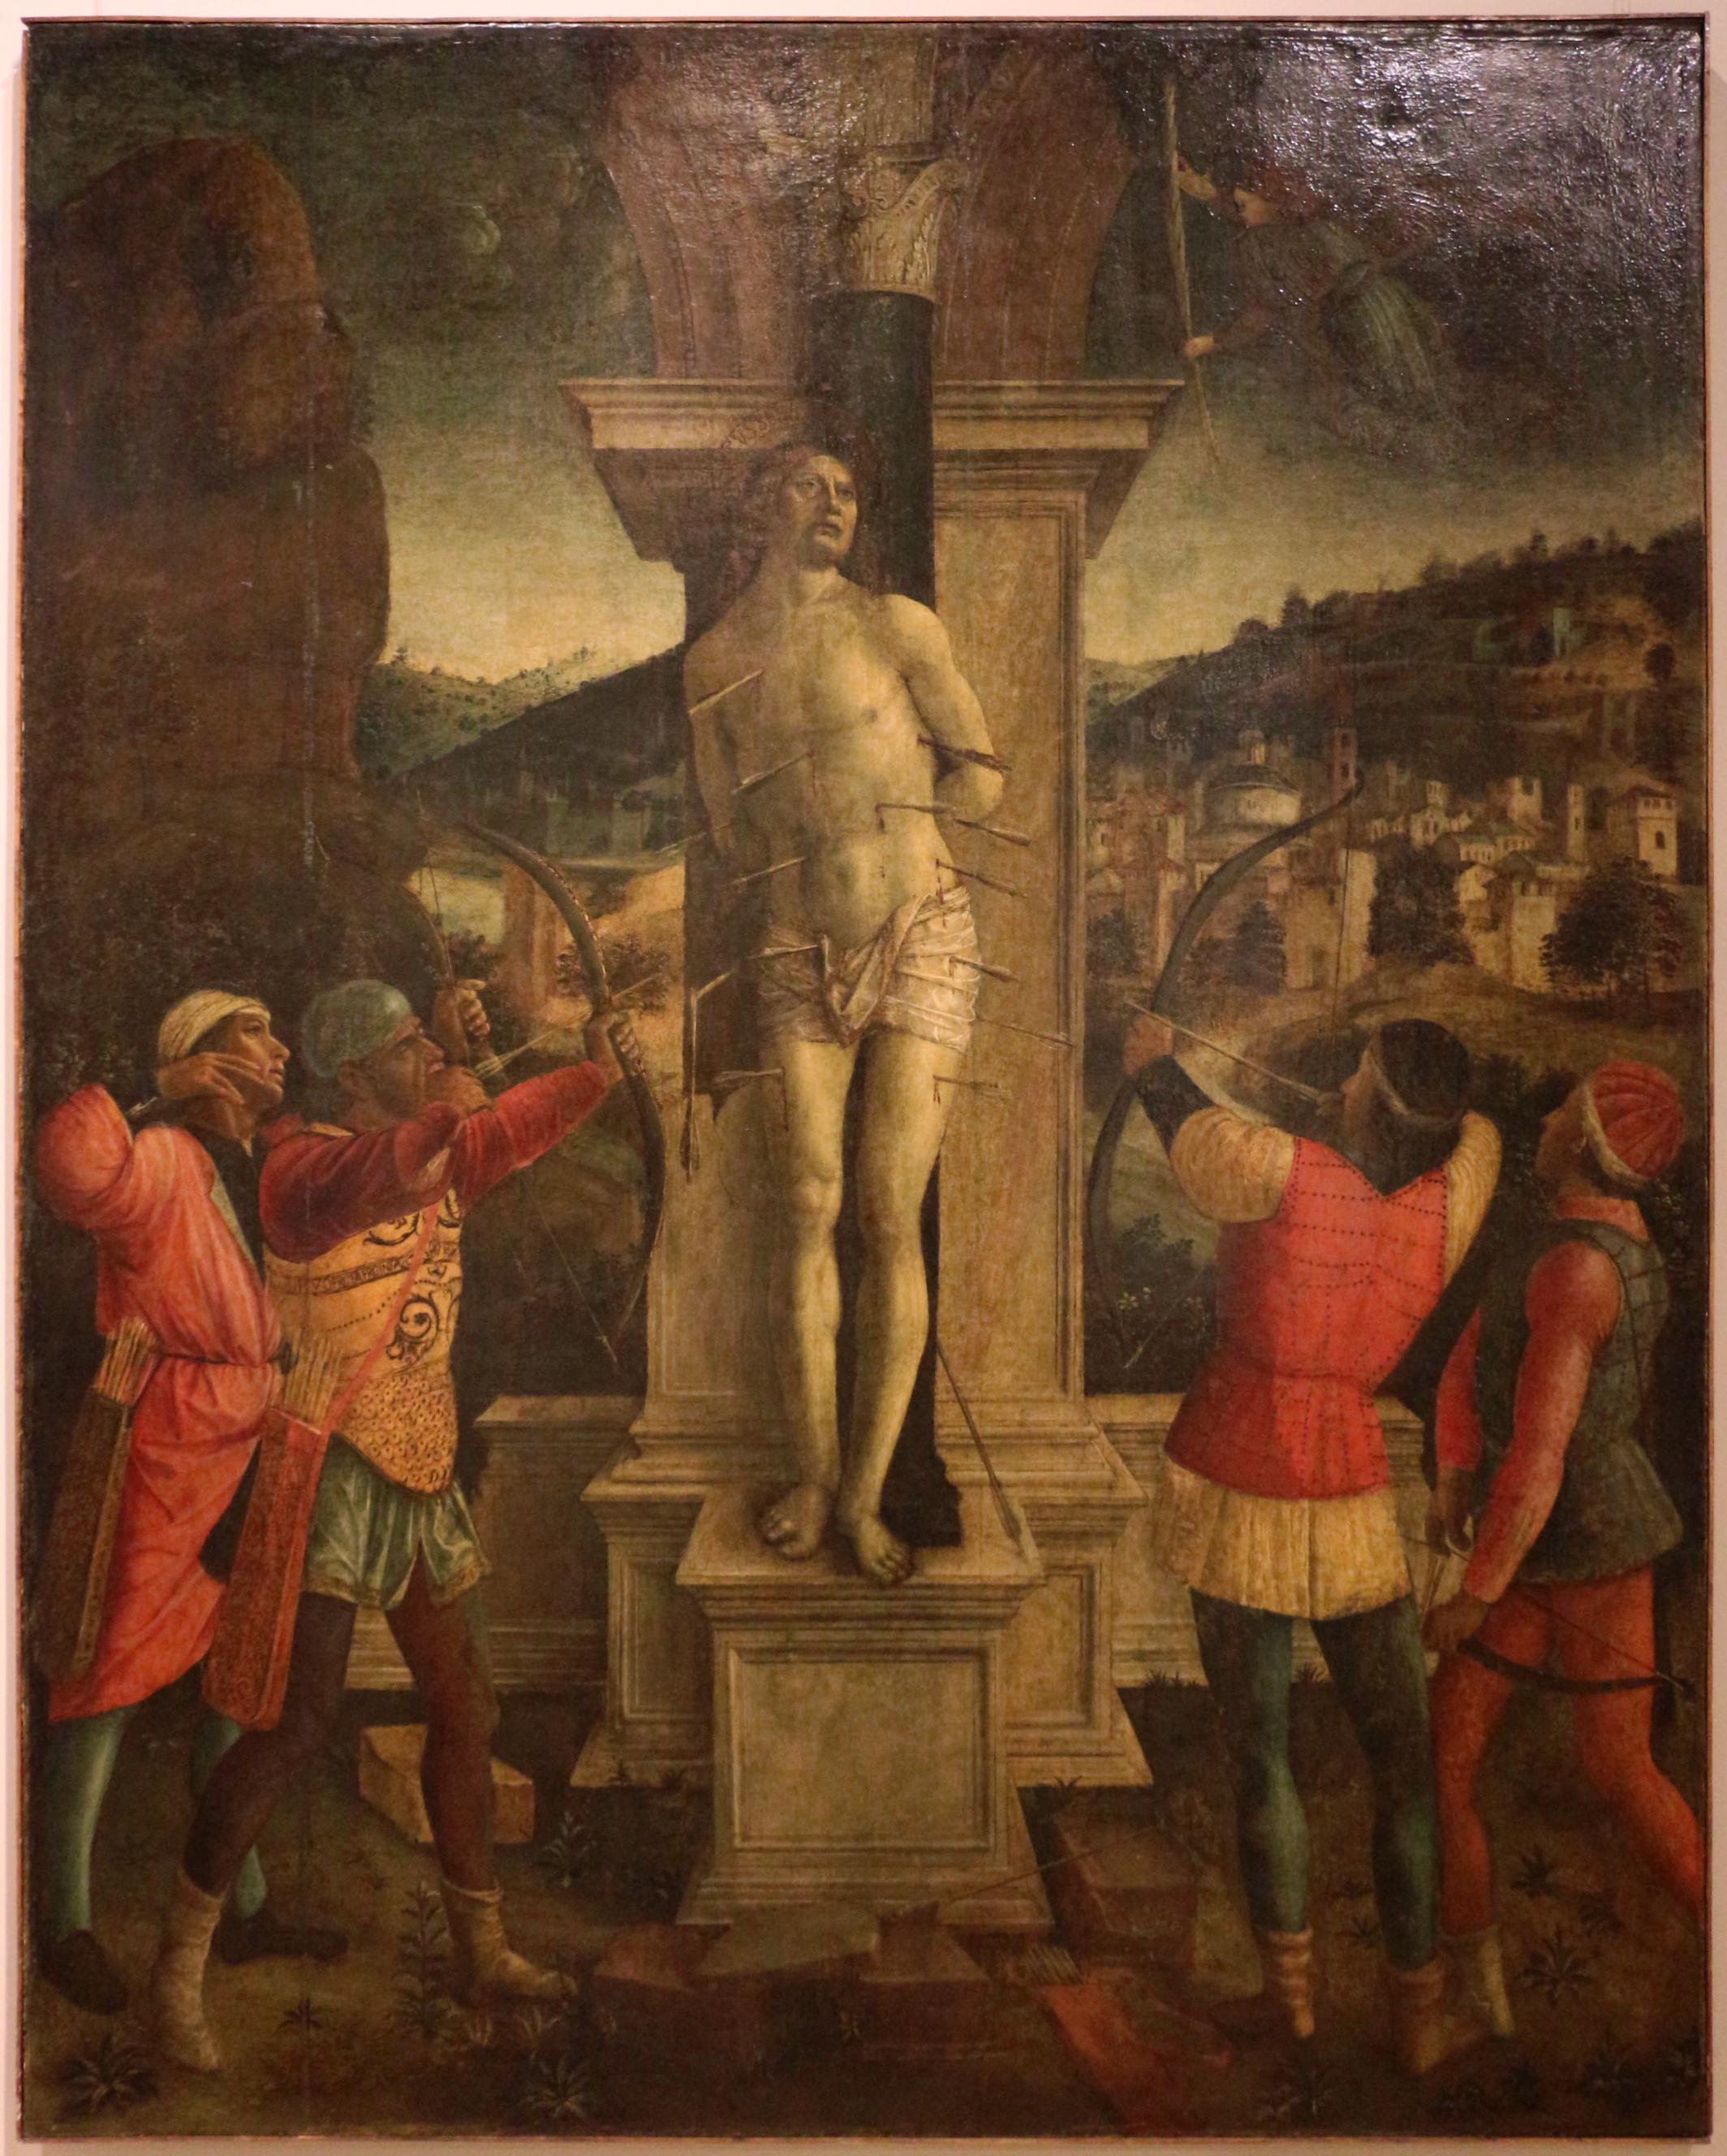 File:Vincenzo foppa, martirio di san sebastiano, 1490-1500 ca.JPG